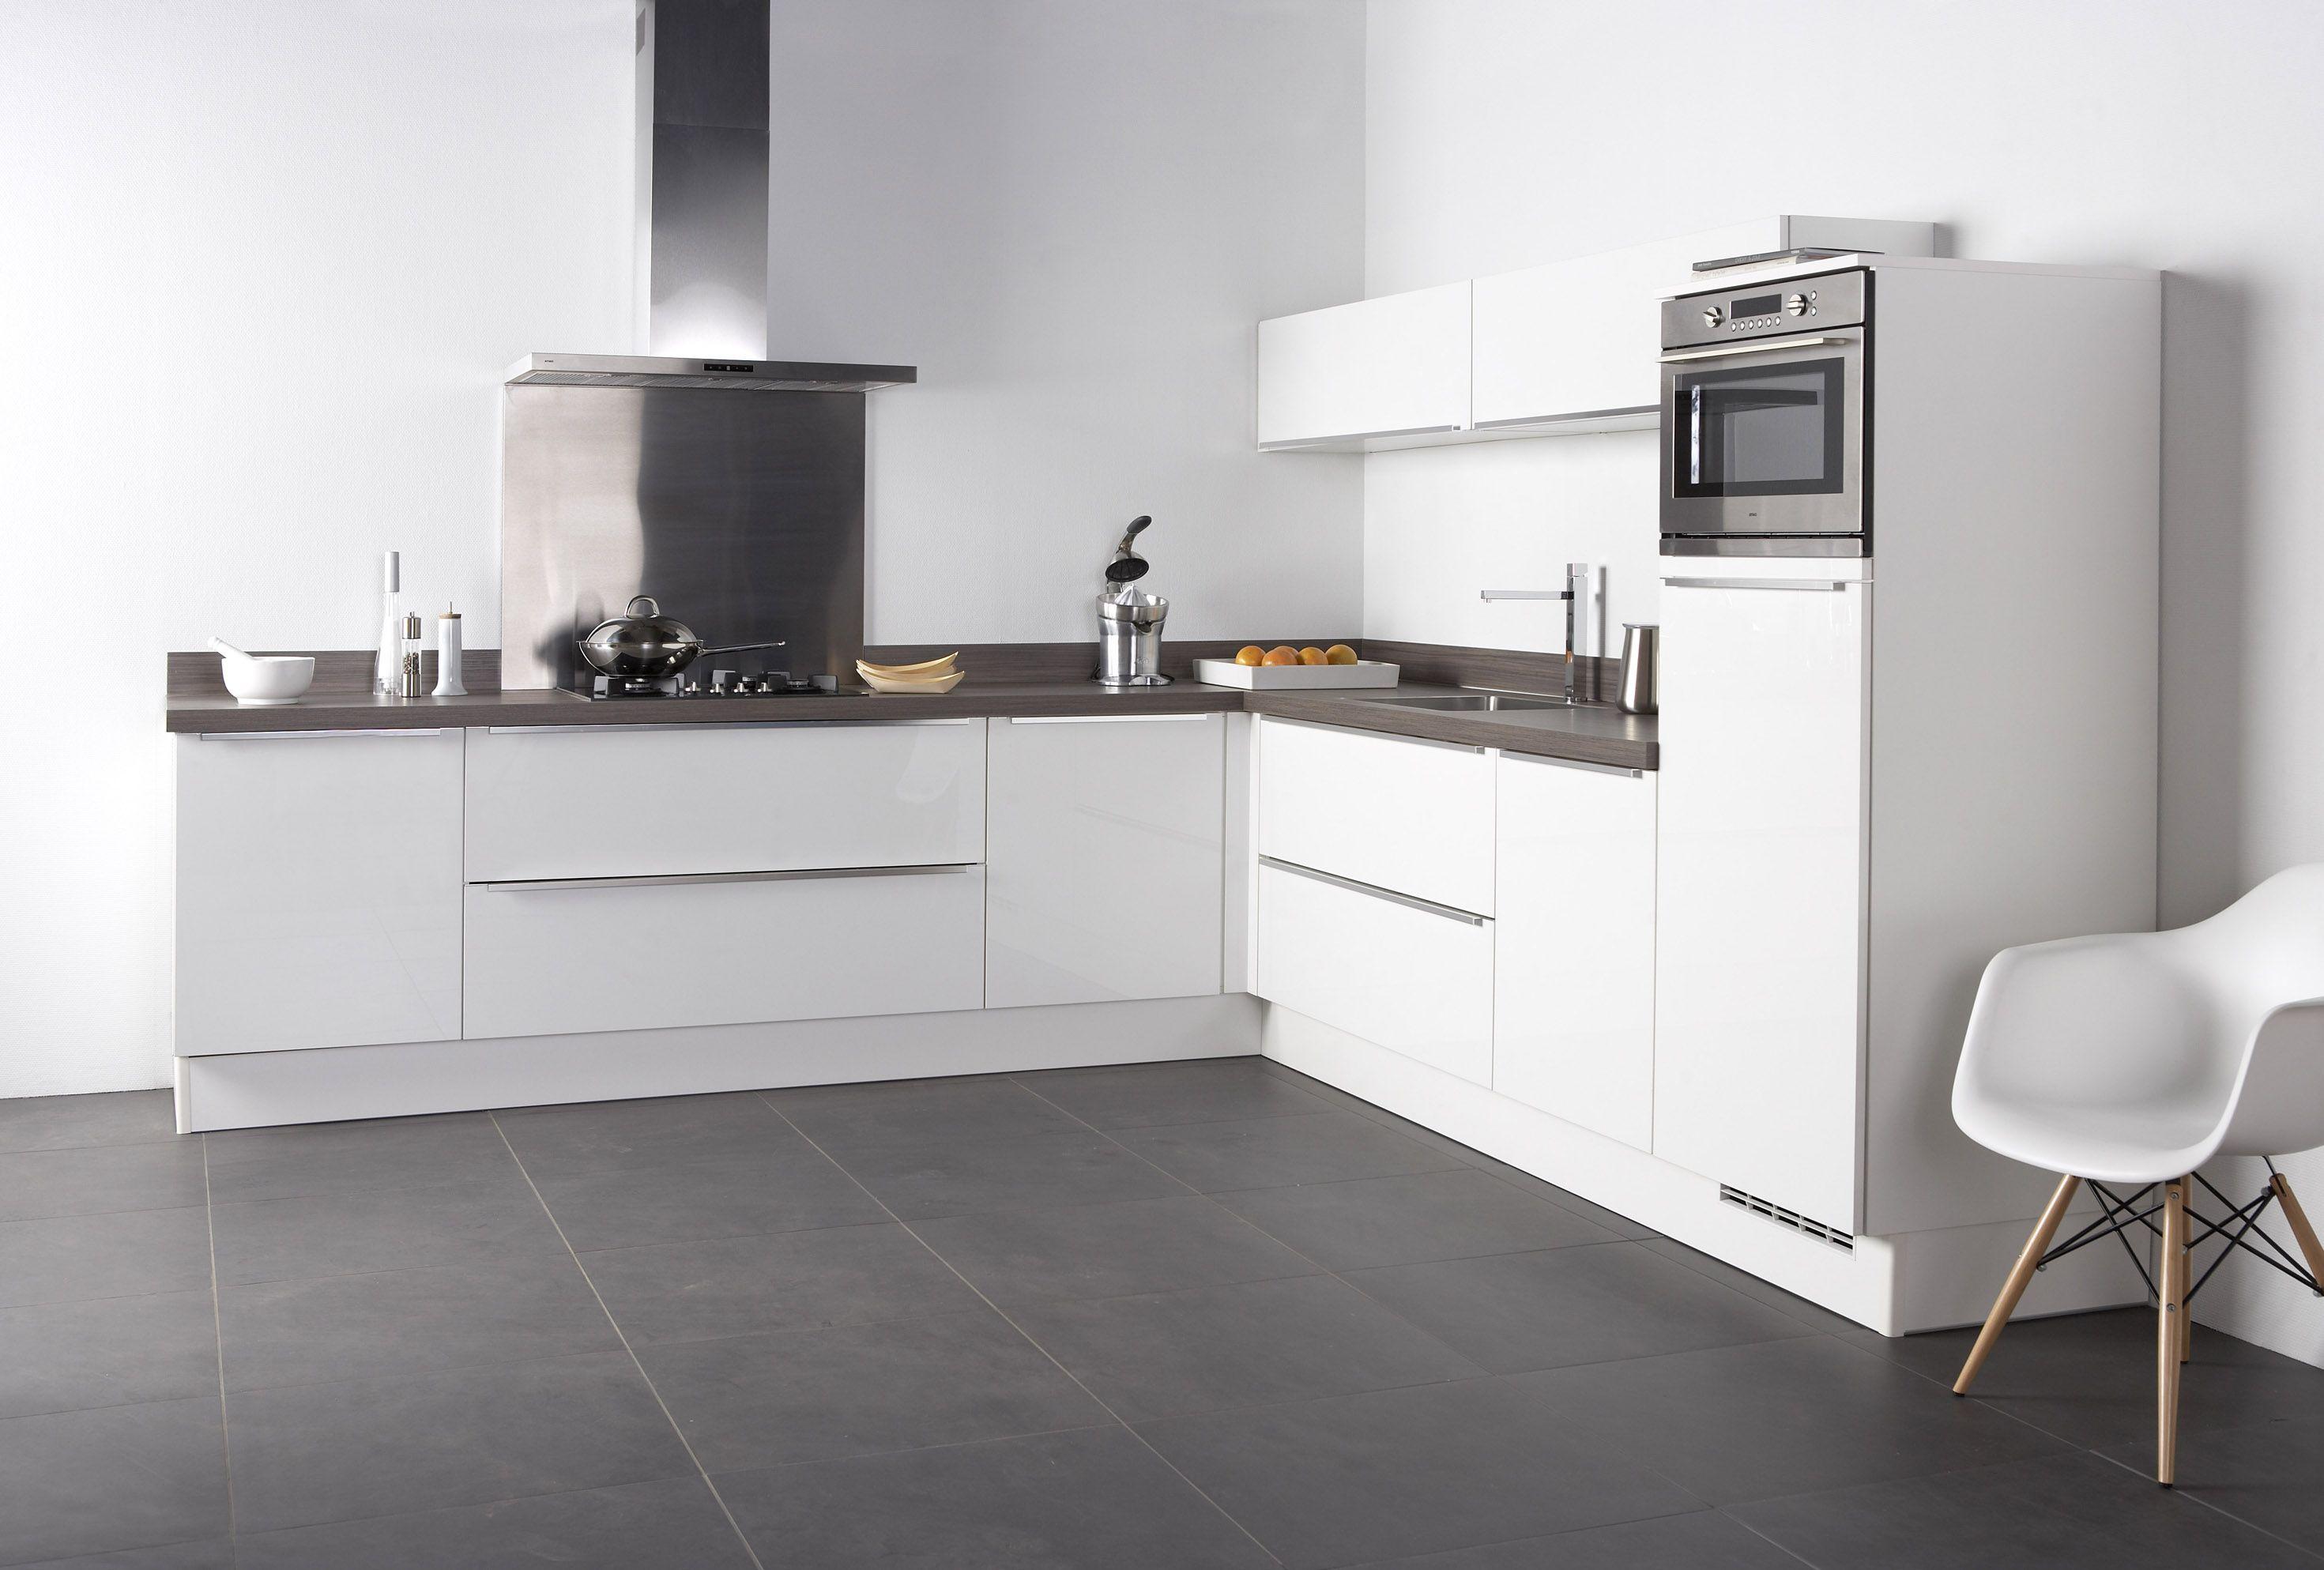 Bruynzeel keukens fronttype pallas keuken in het wit hoogglans met